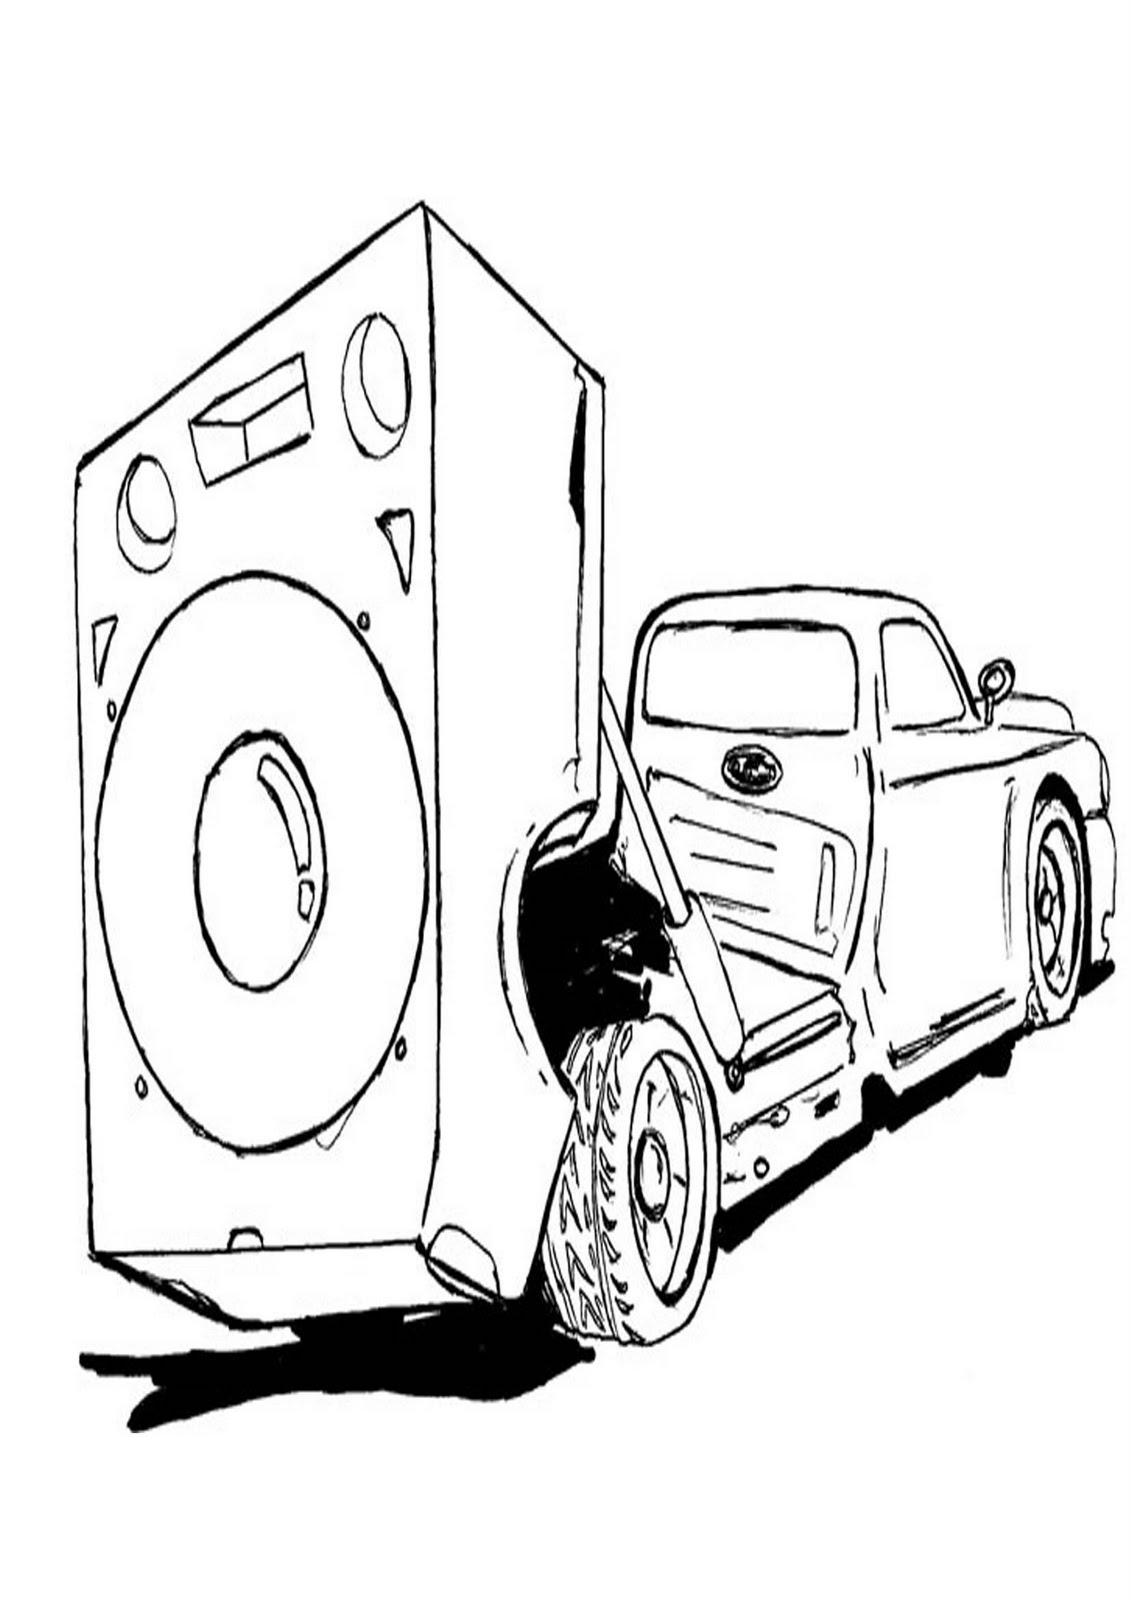 carro+tunado+para+colorir+carro+equipado+com+som.jpg